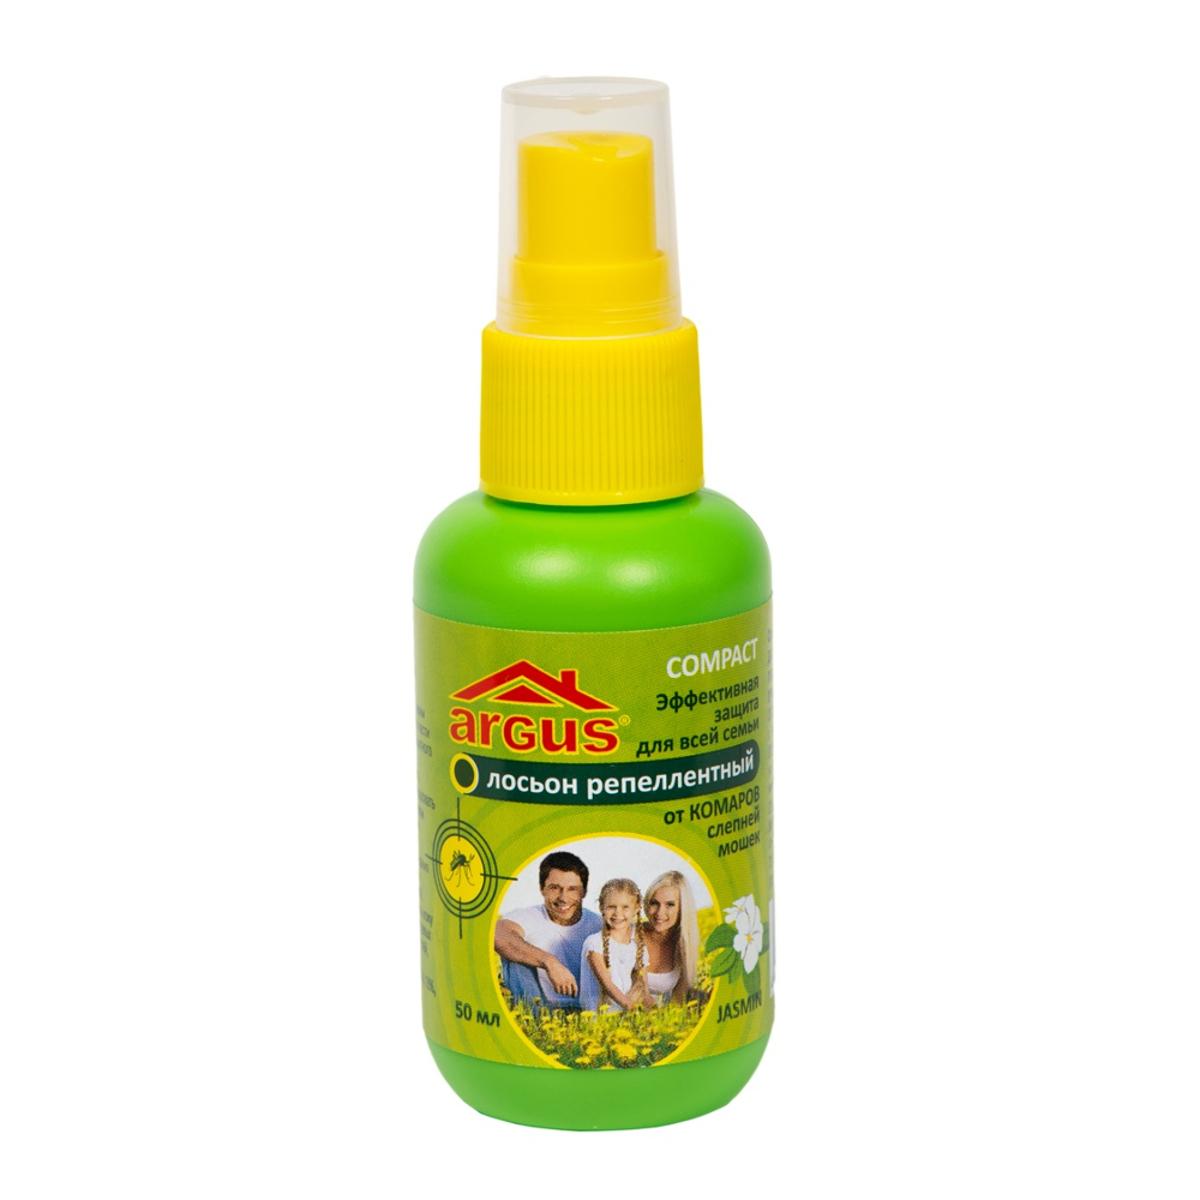 Аэрозоль от насекомых Argus, 50 млСЗ.010014Аэрозоль Argus используется для защиты людей от нападения кровососущих насекомых (комаров, мокрецов, москитов, слепней). Наносится на открытые части тела. Состав: N,N-диэтил-м-толуамид (ДЭТА) 18%, отдушка, спирт изопропиловый.